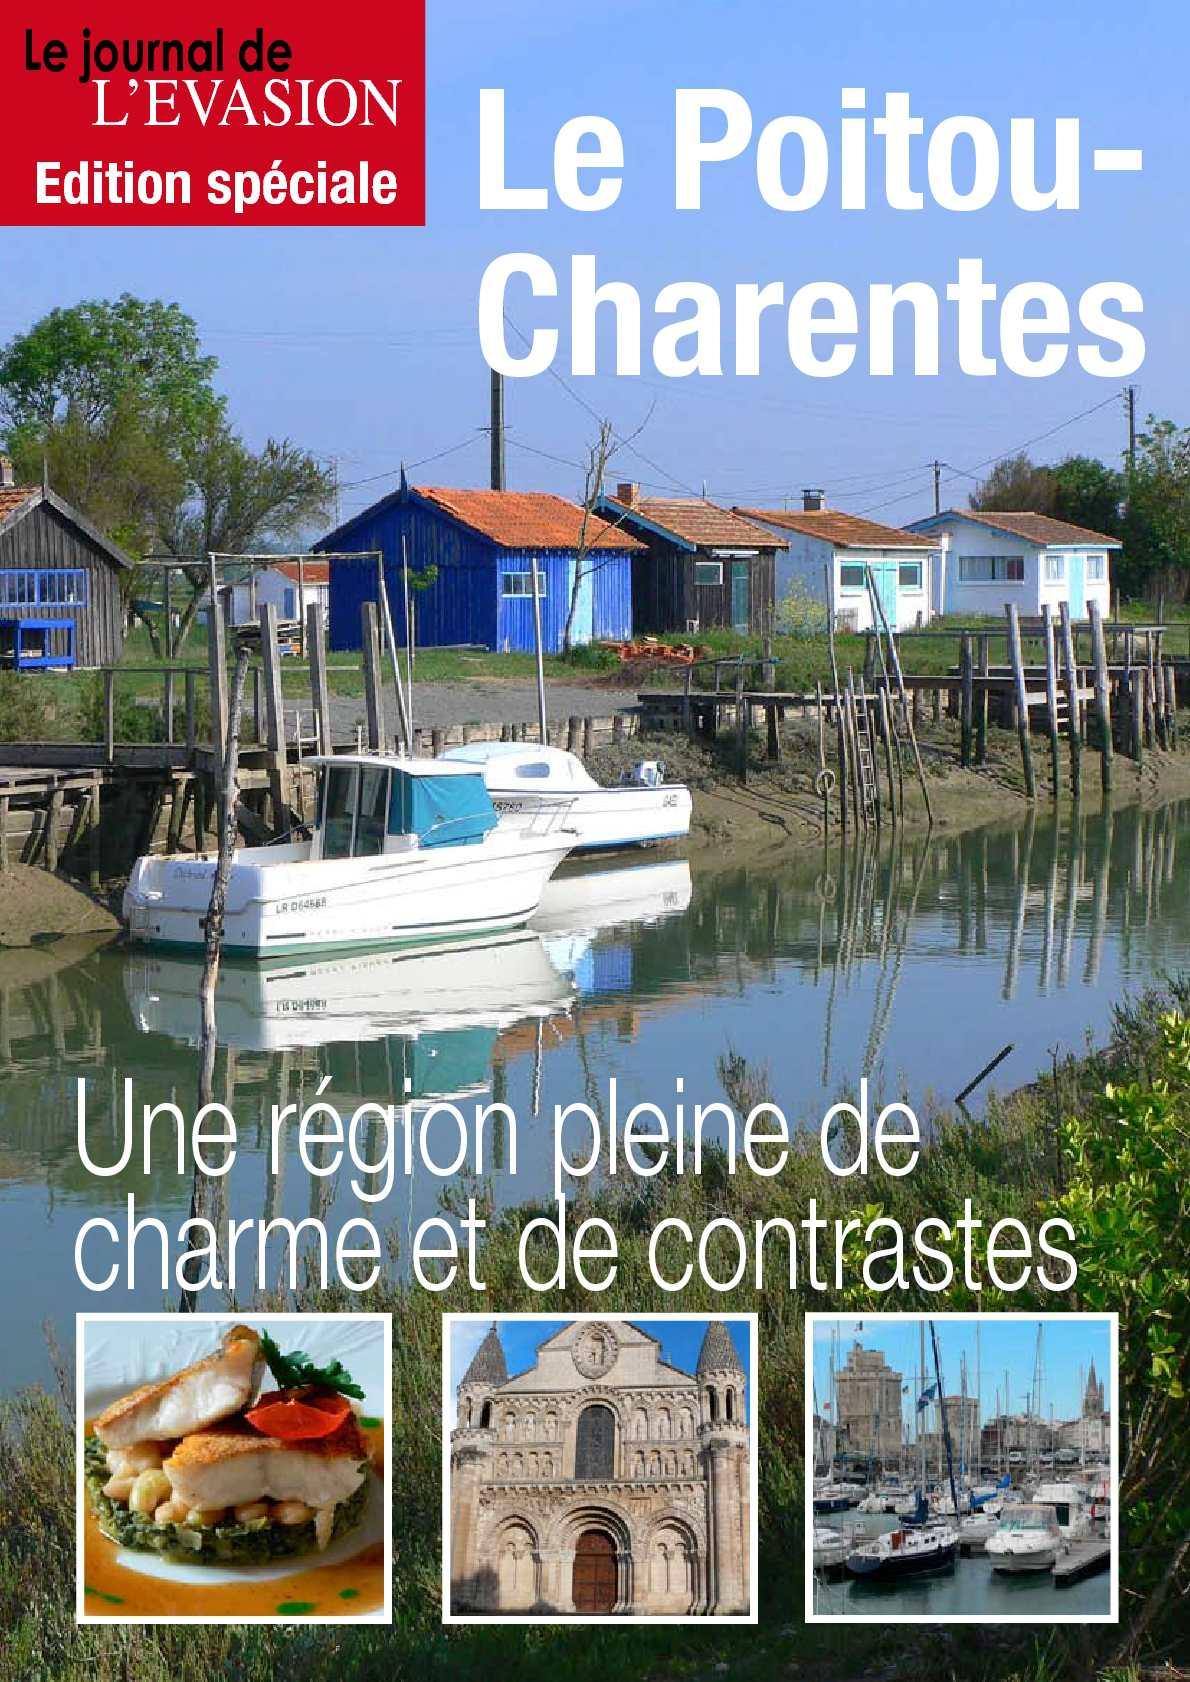 Reportage en Poitou-Charentes du Journal de l'Evasion.be